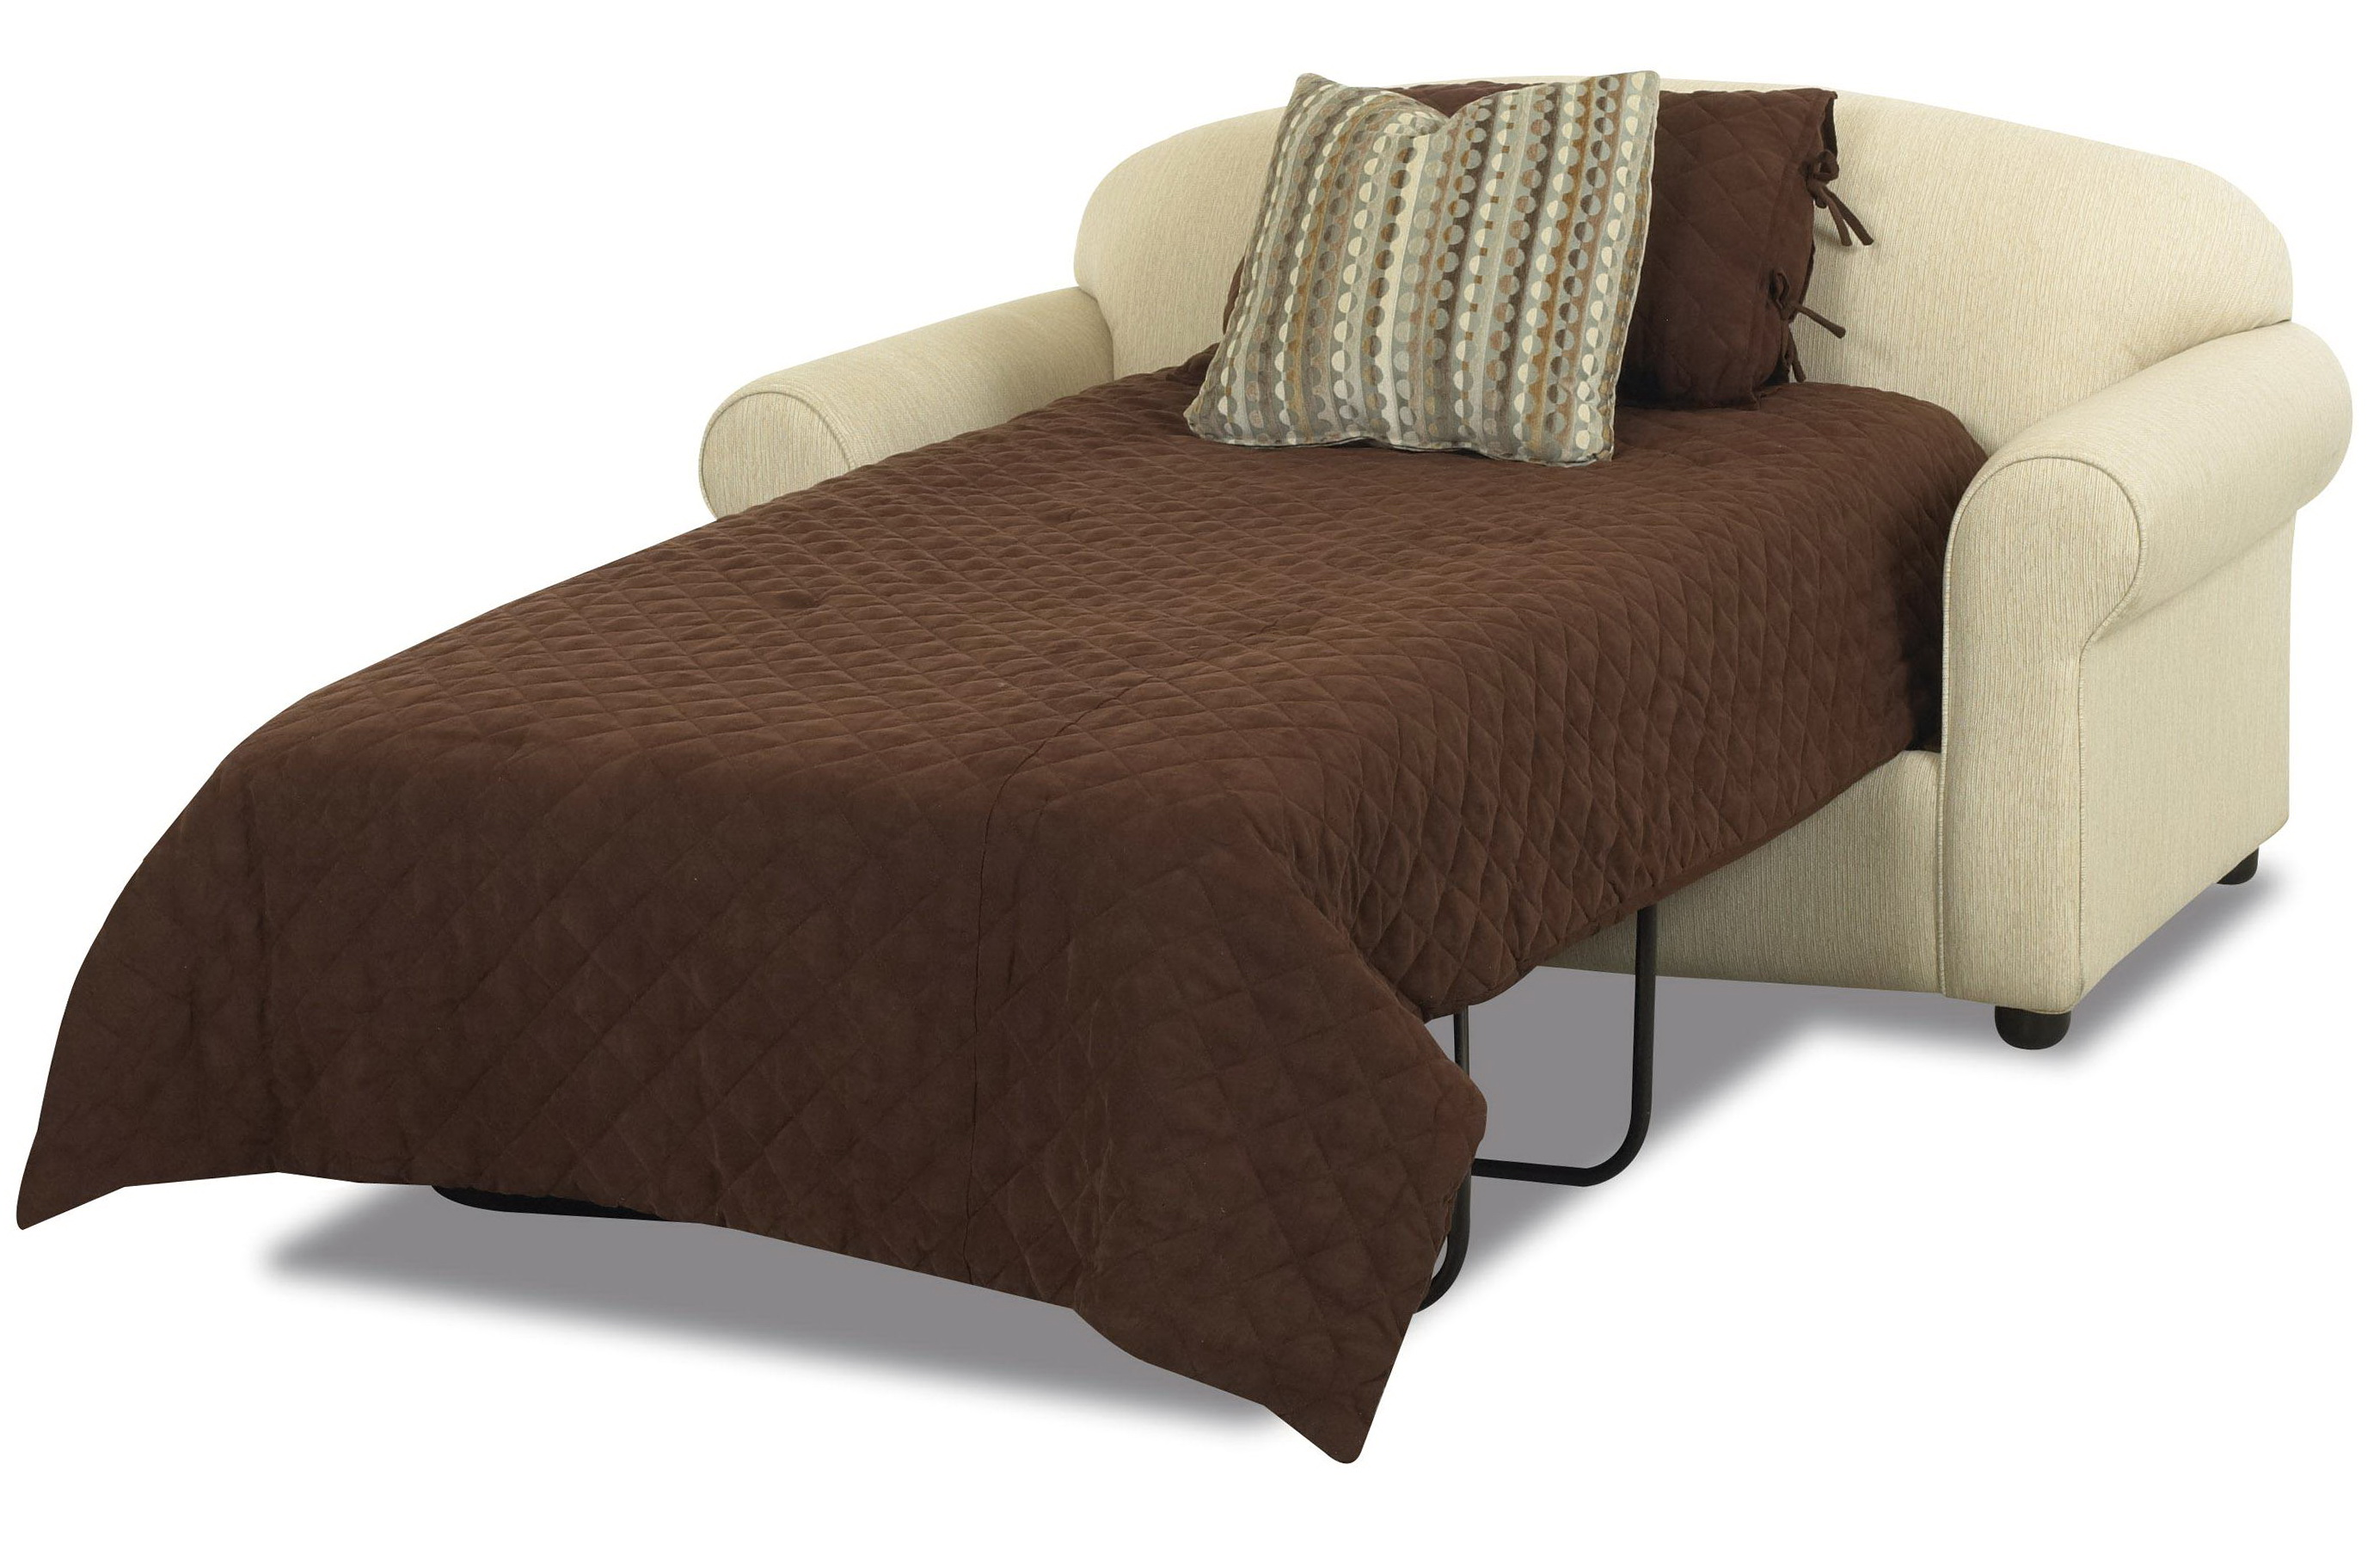 Loveseat Sofa Bed Slipcover